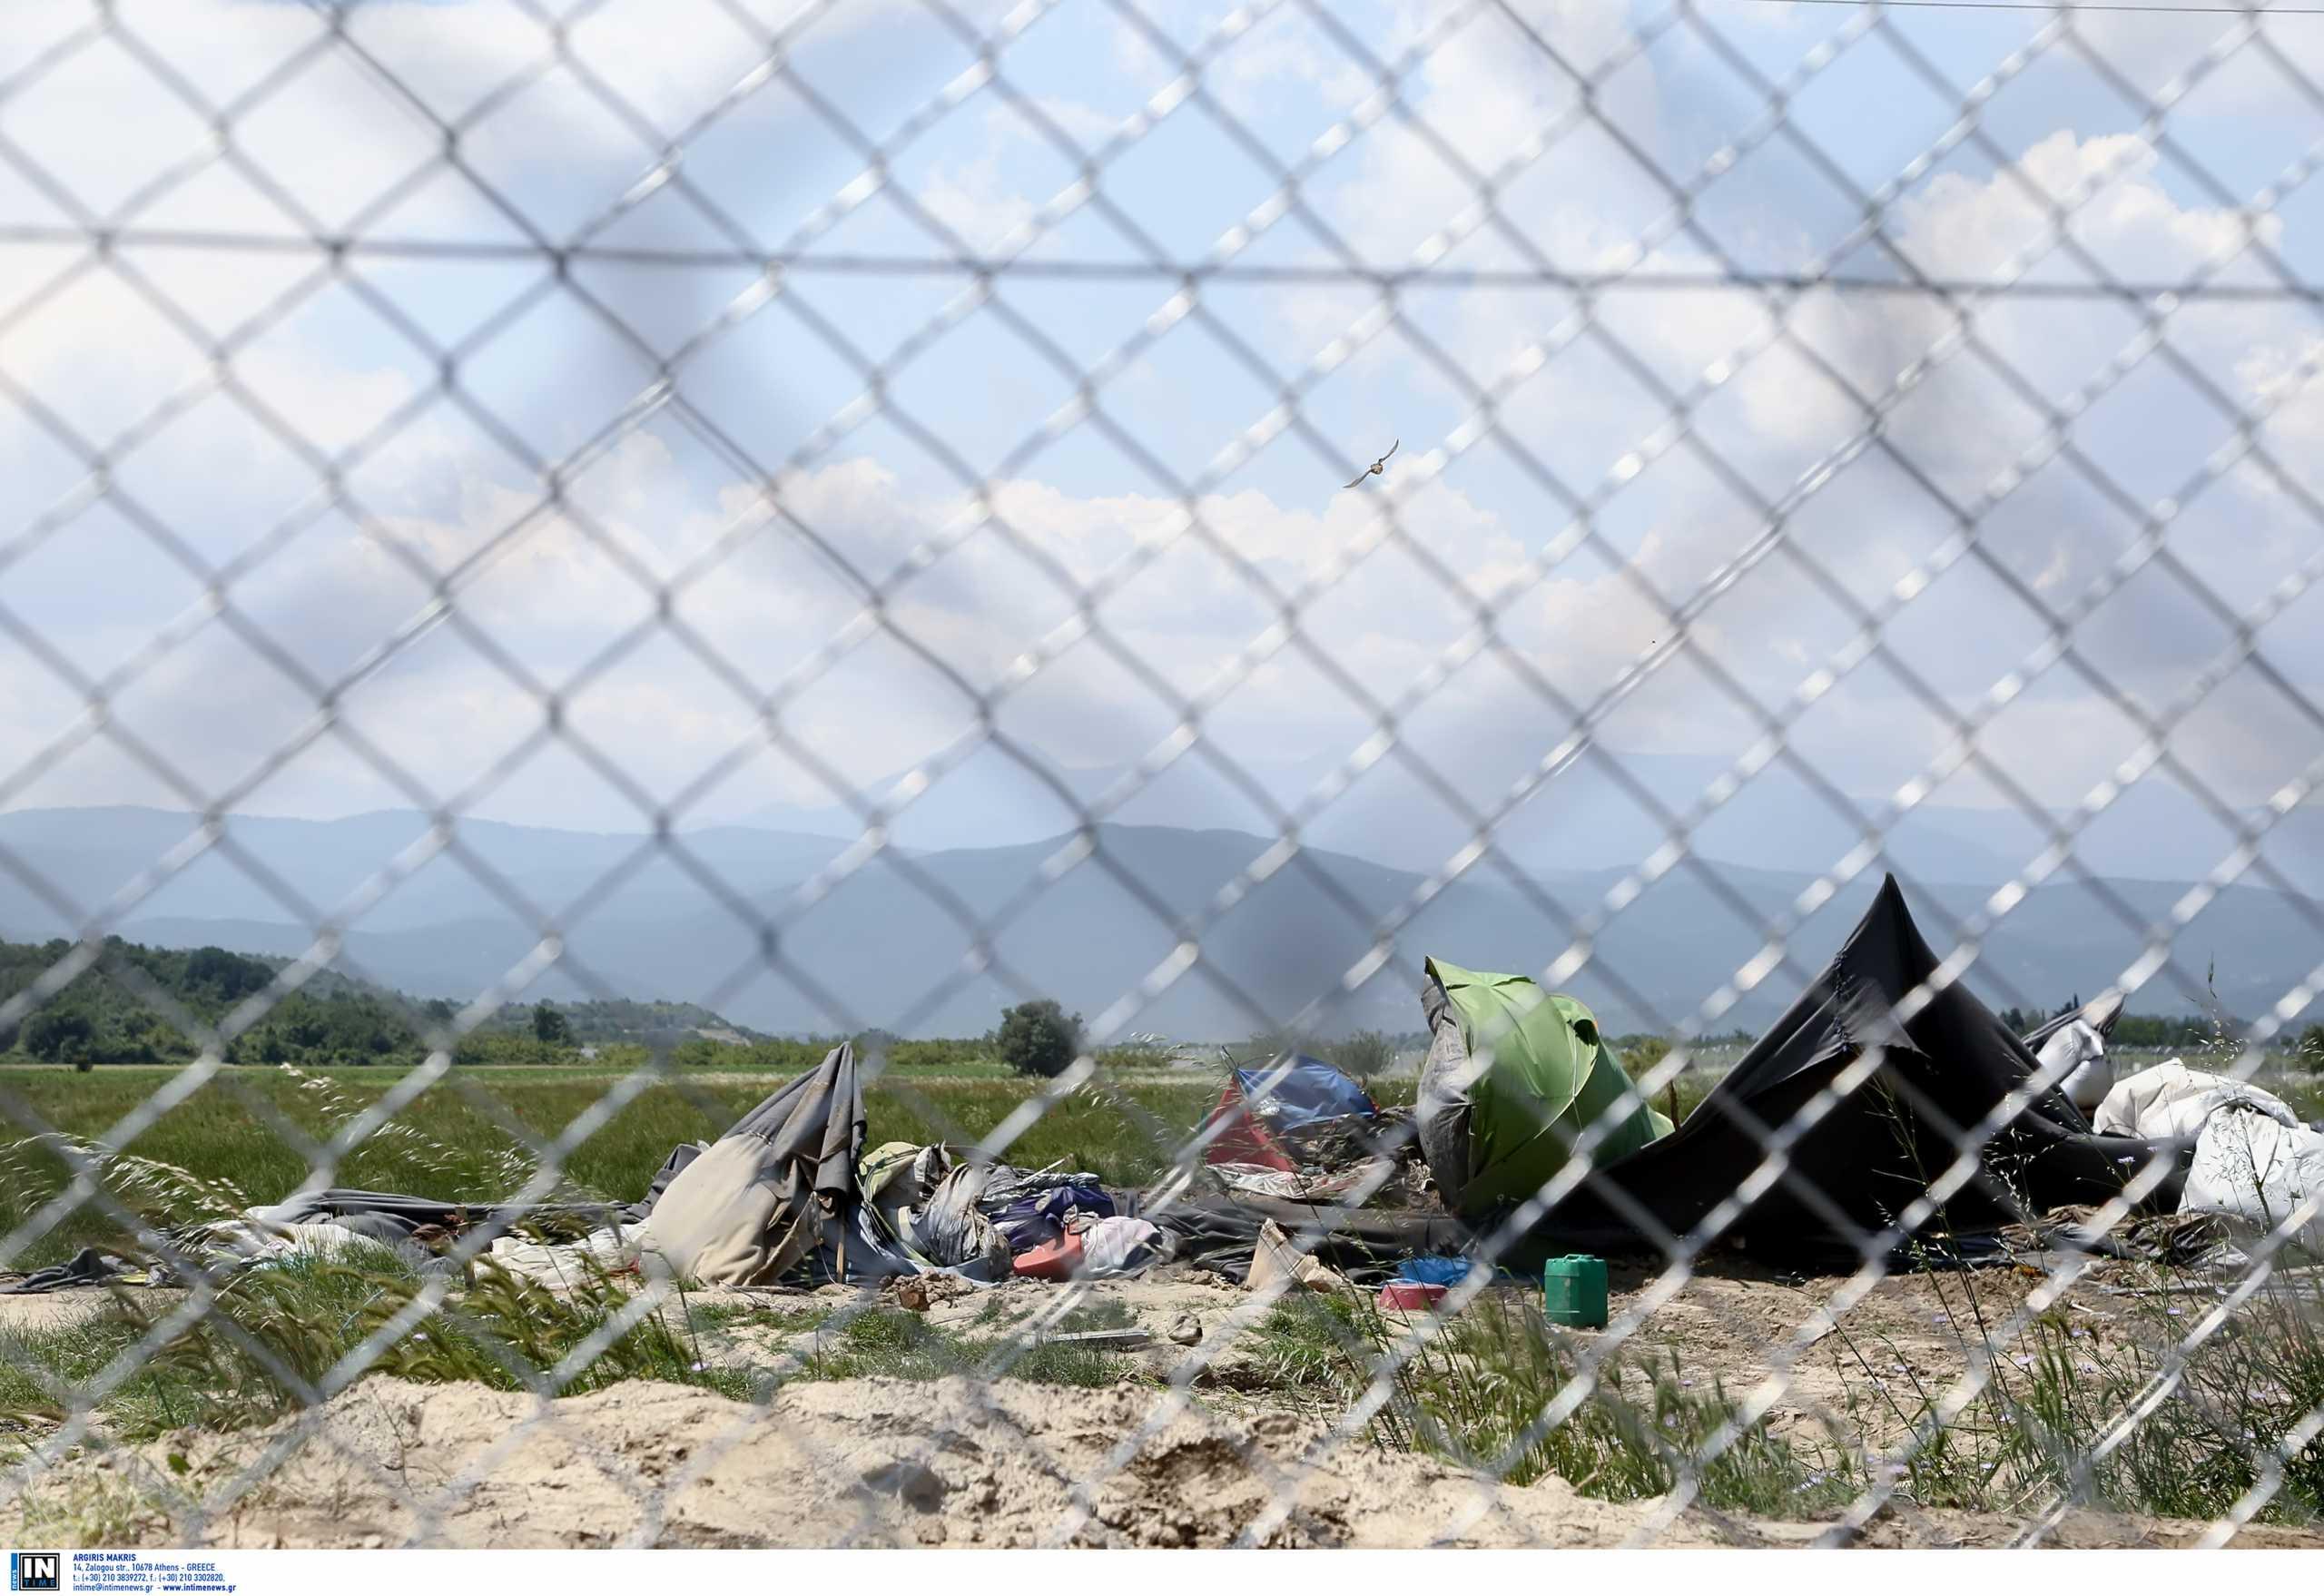 Θεσσαλονίκη: Καταδικάστηκαν τα μέλη της σπείρας που λήστευε μετανάστες στην Ειδομένη